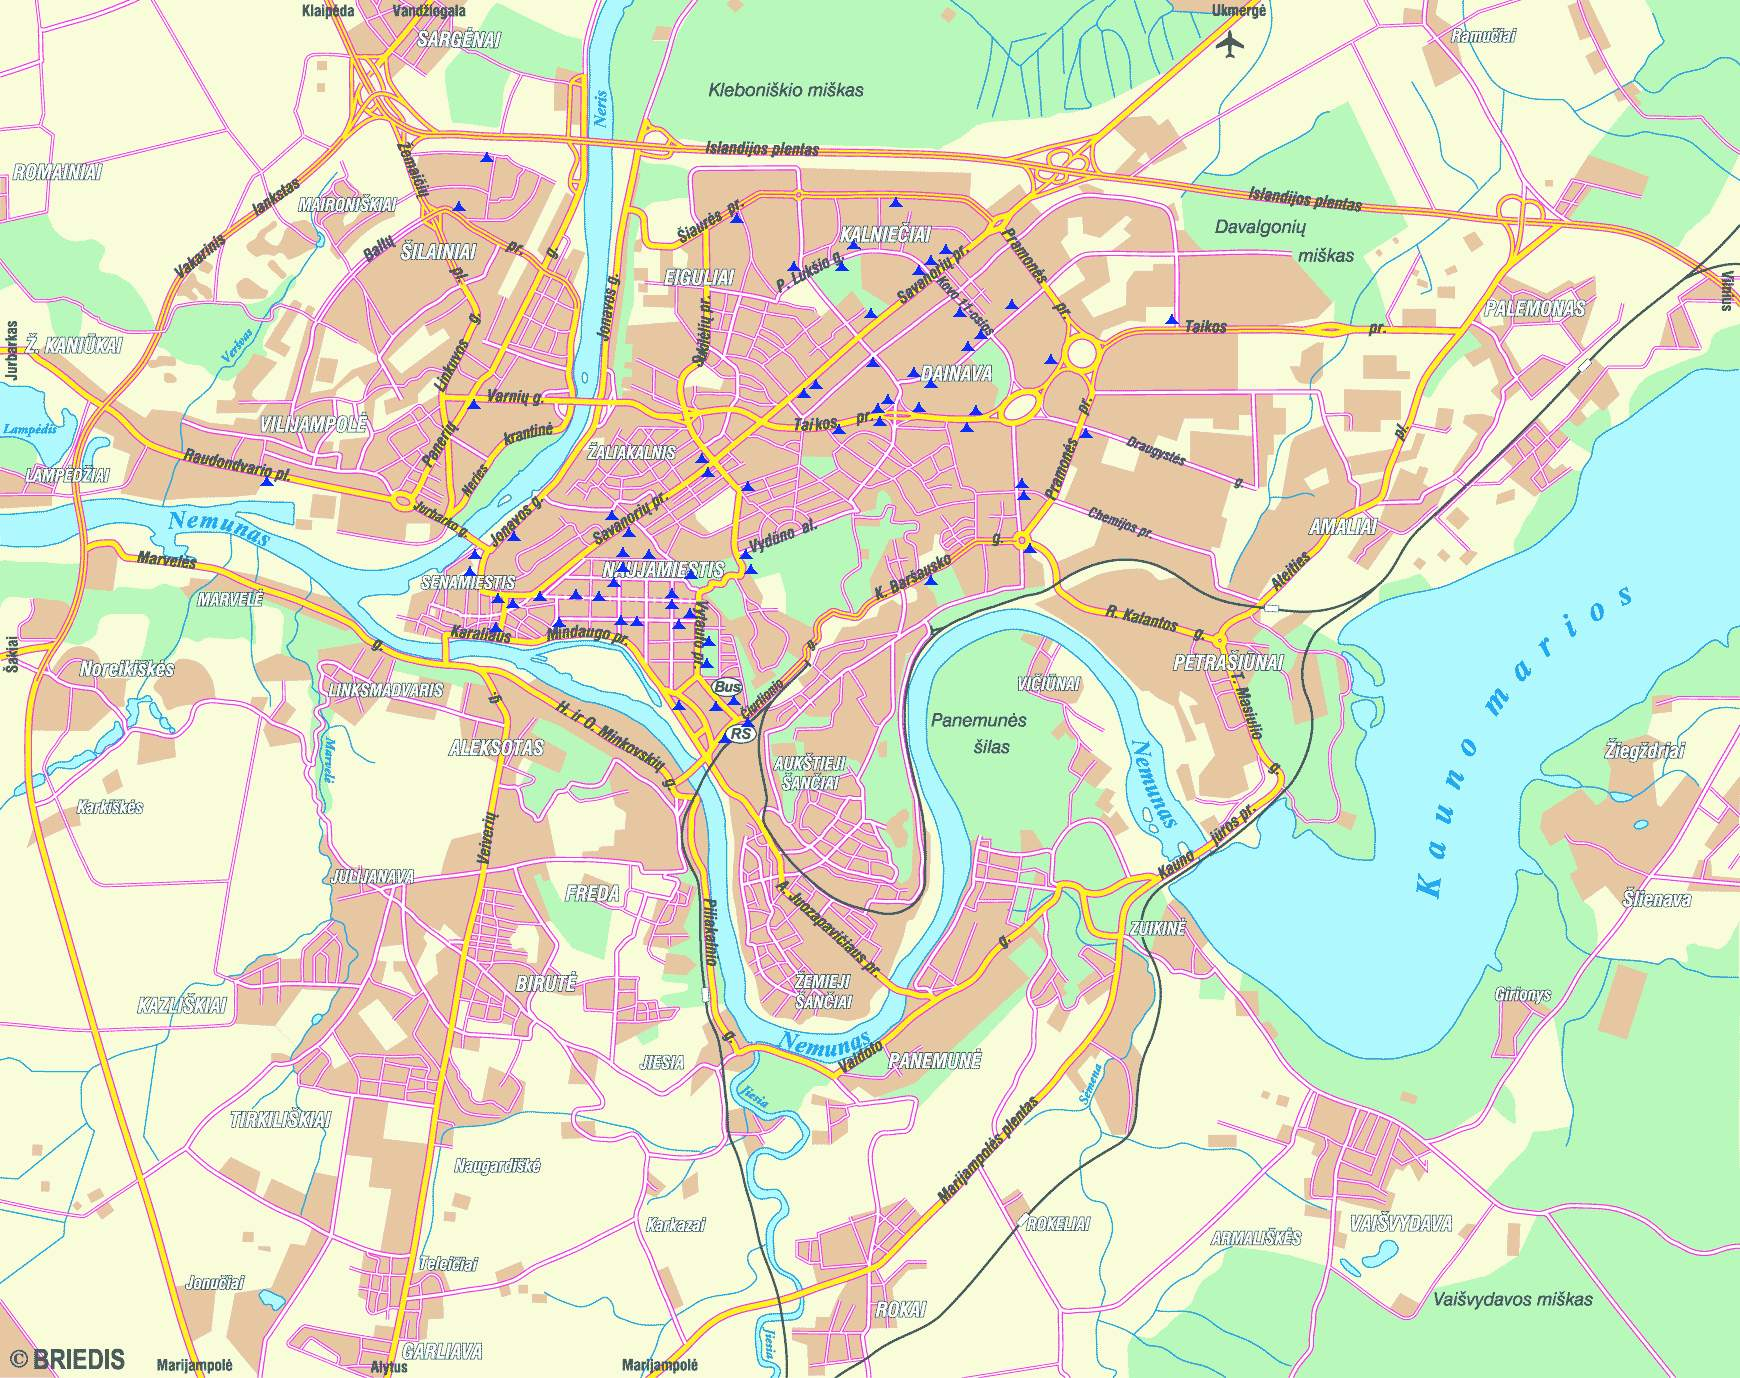 Kaunas Map Kaunas Lithuania Mappery - Kaunas map